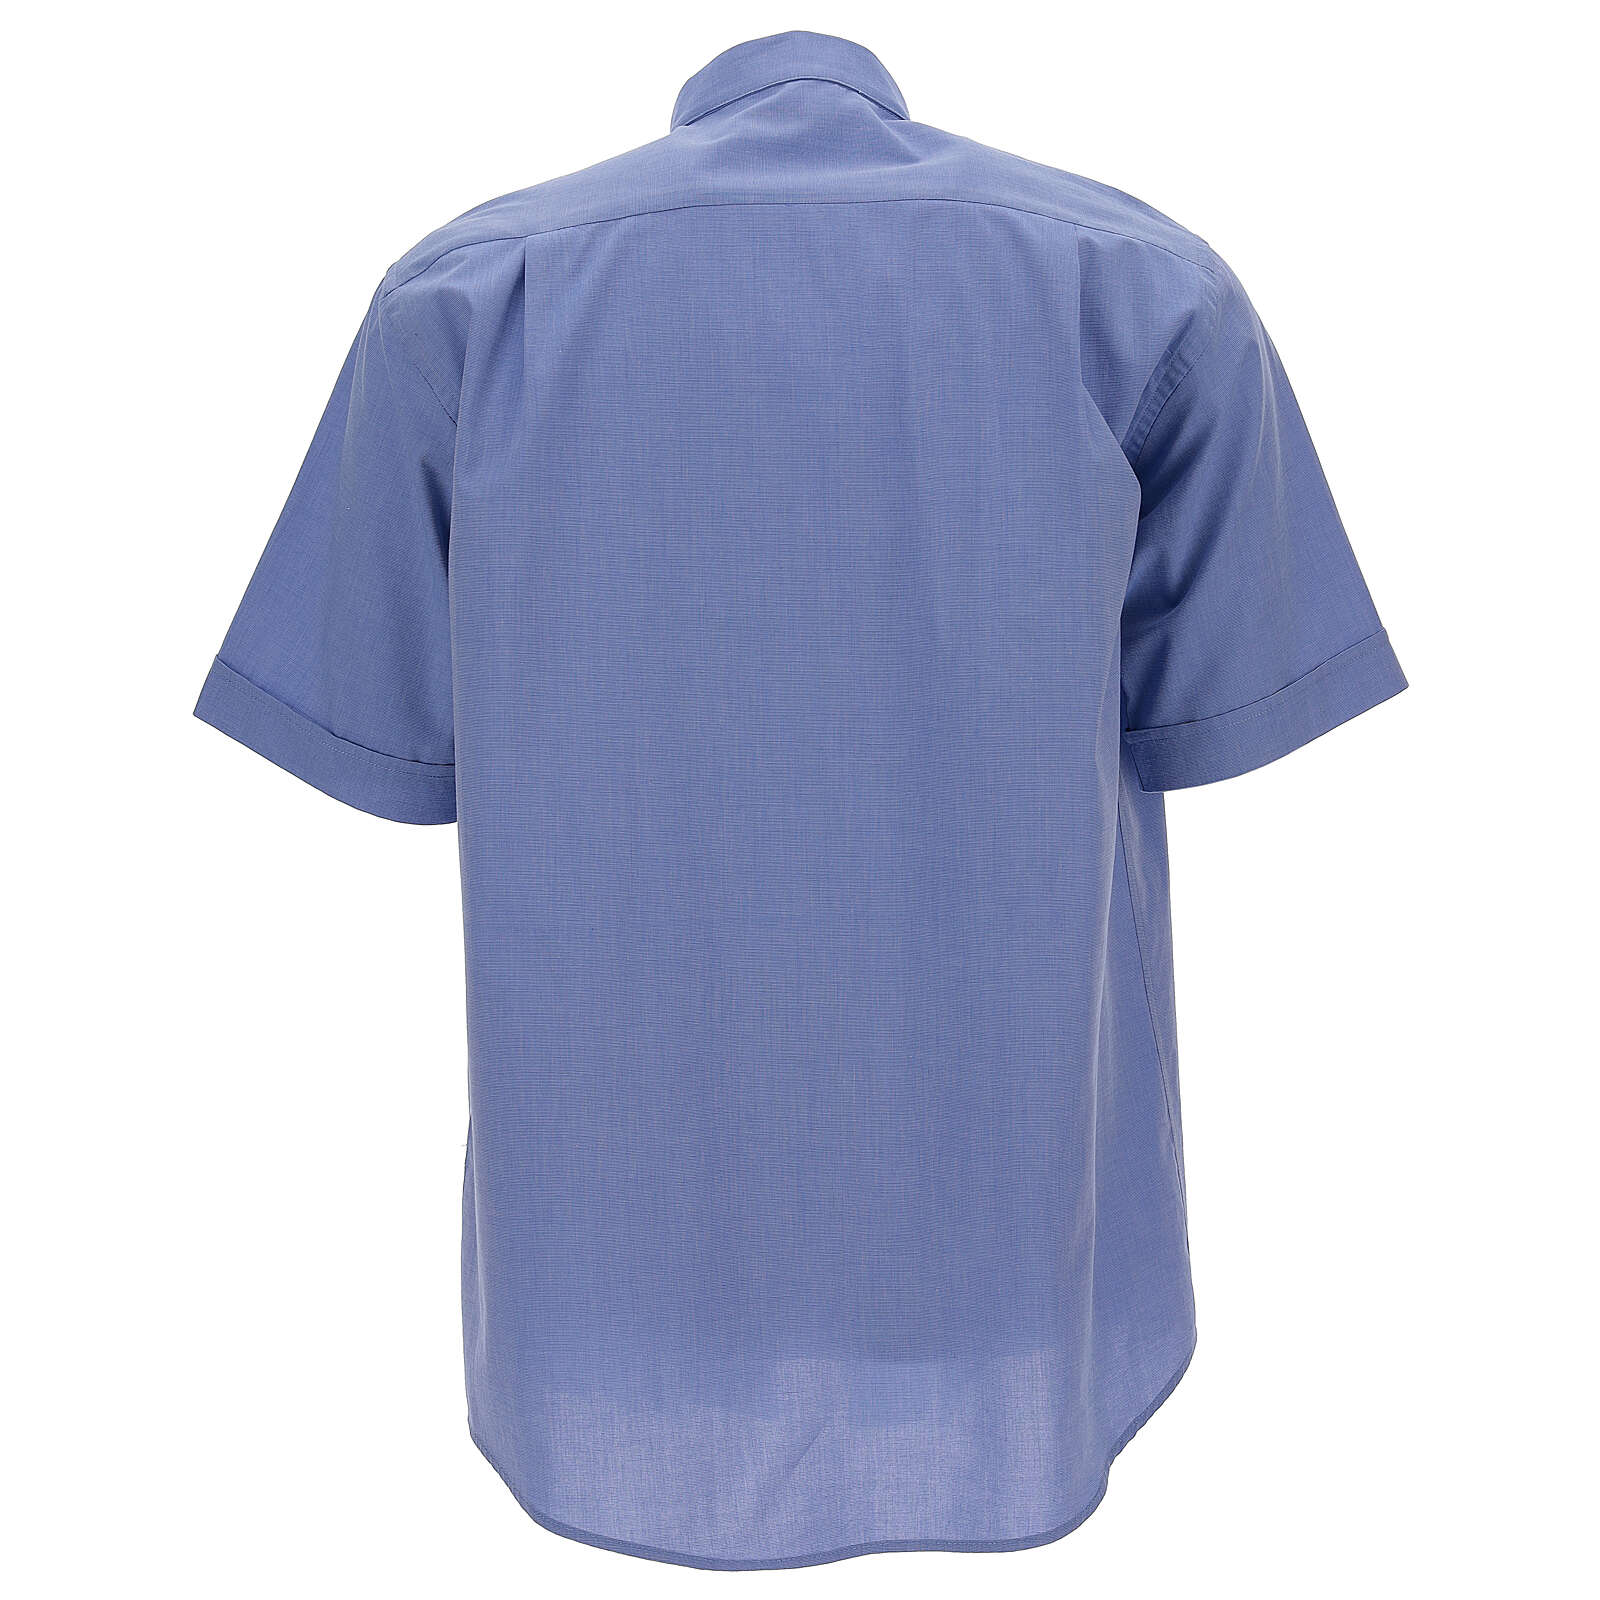 Koszula kapłańska fil a fil niebieska krótki rękaw 4